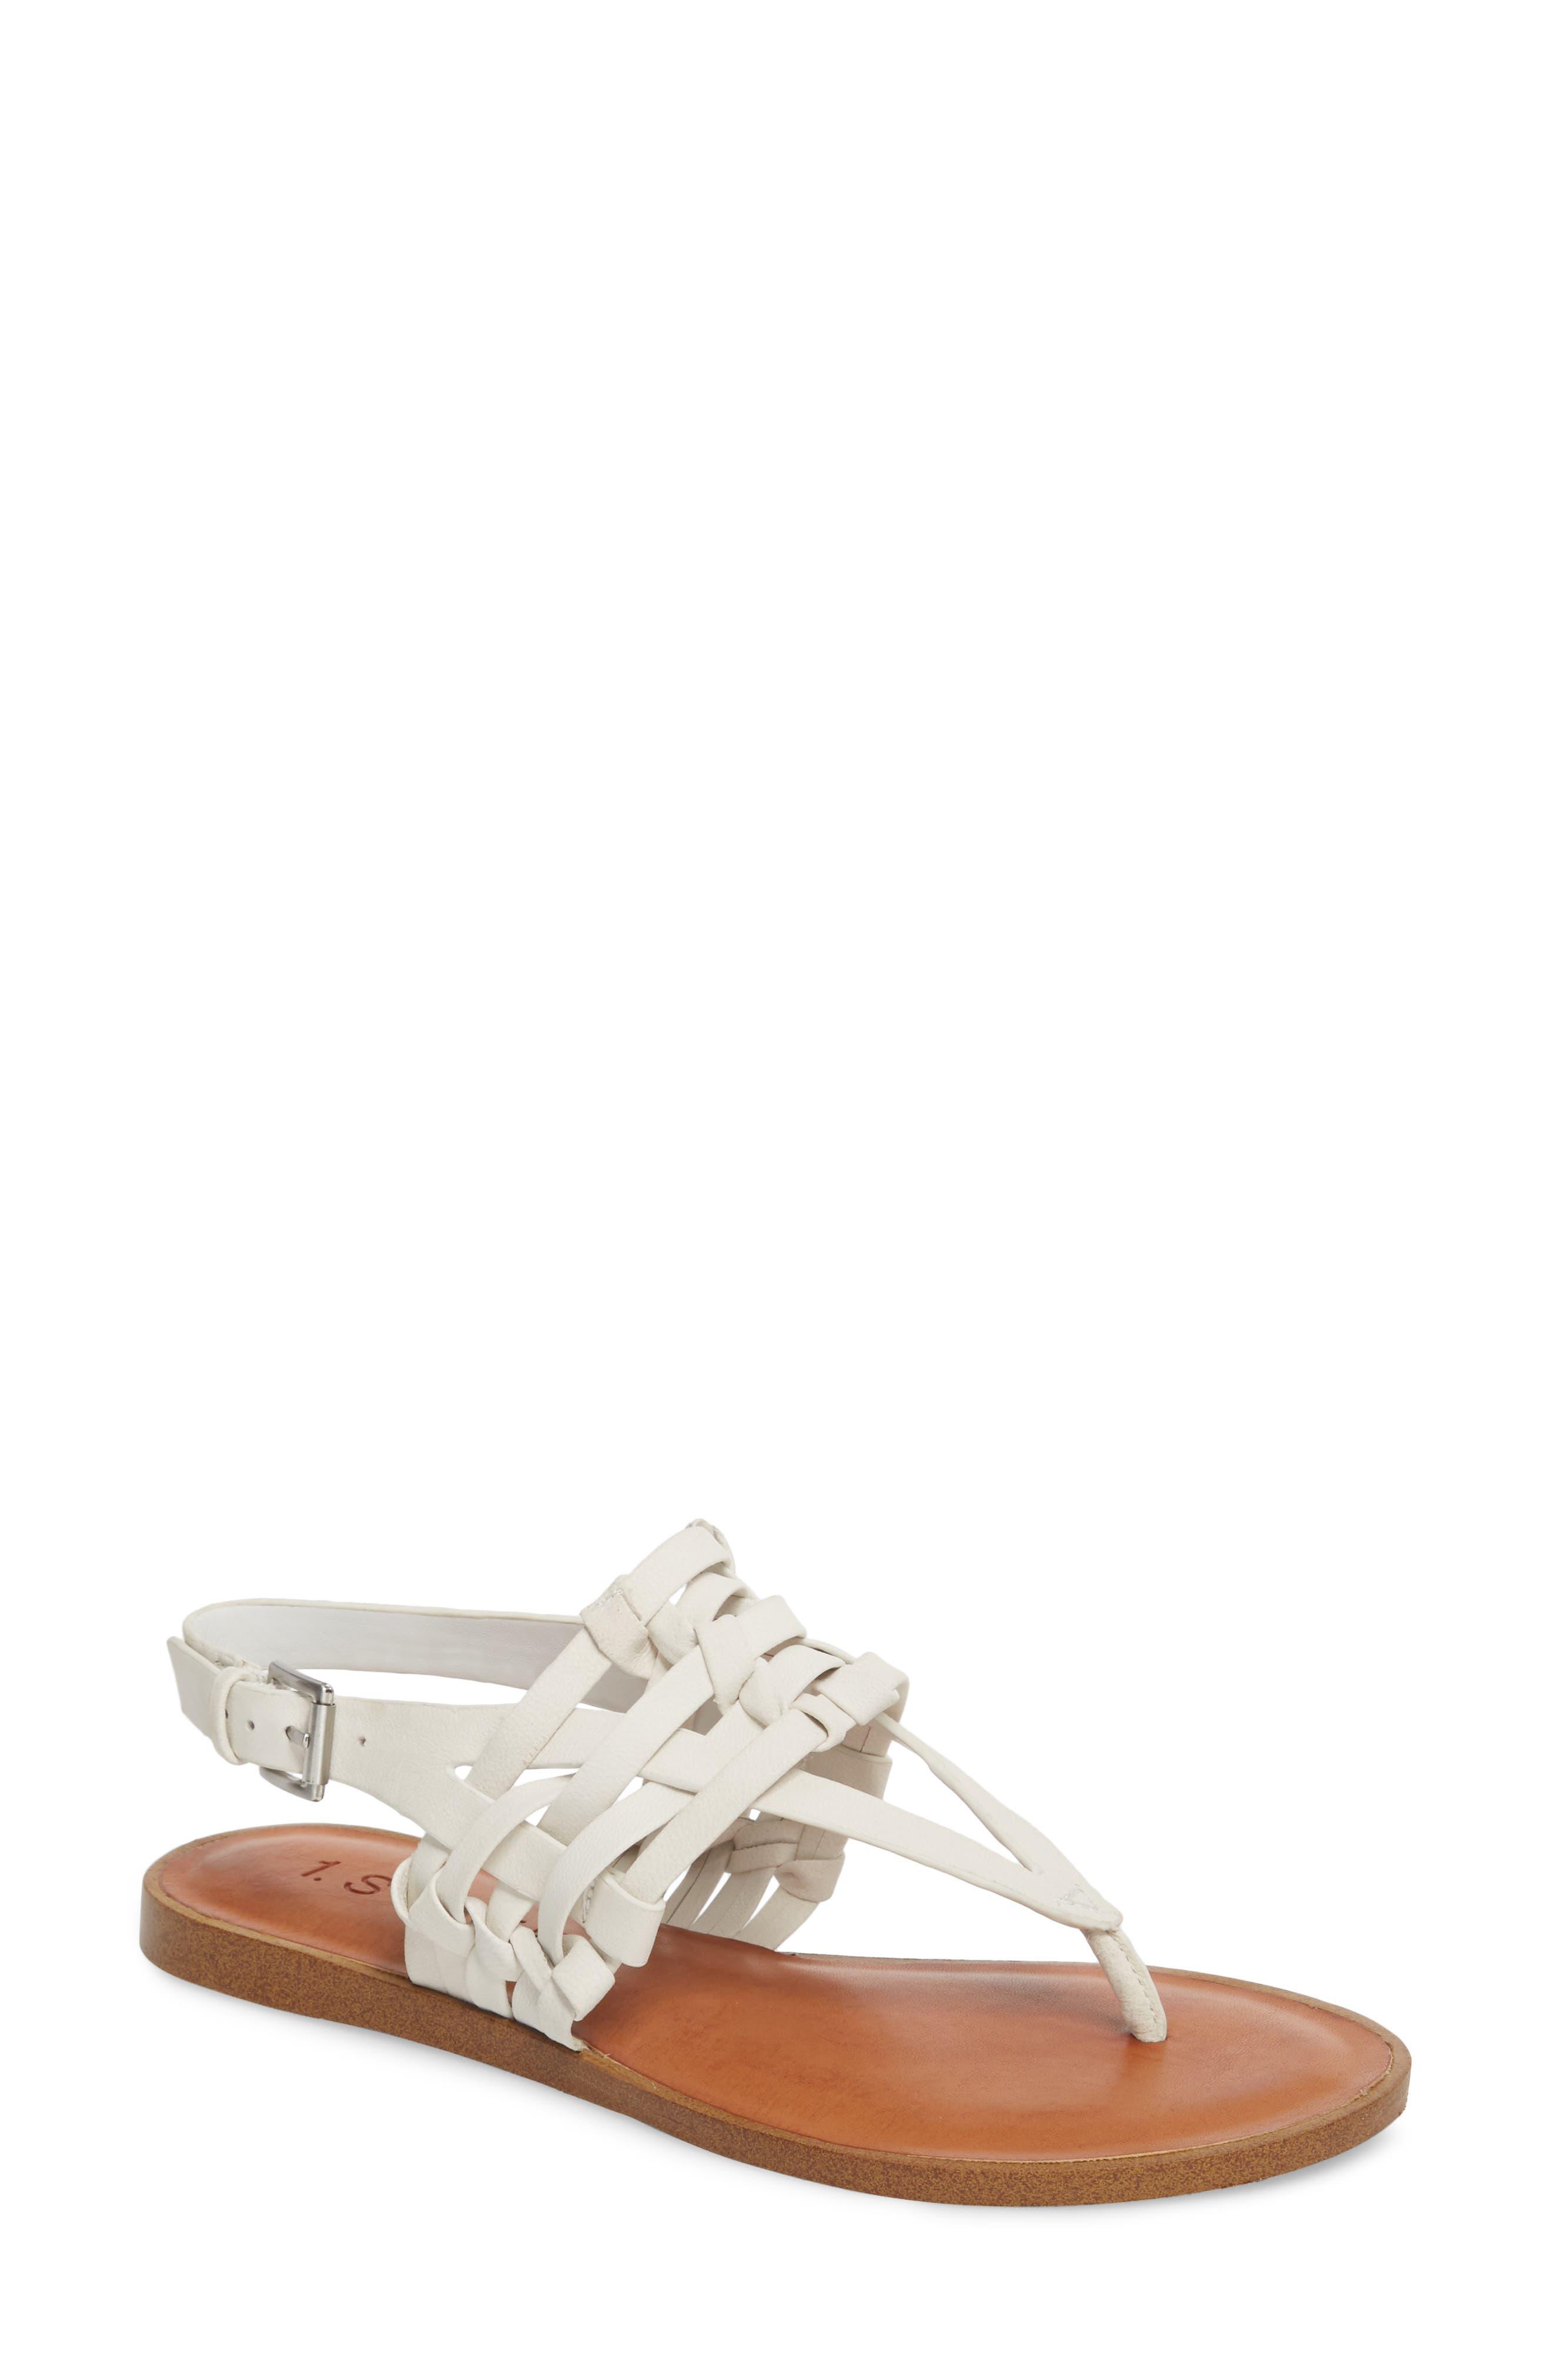 Lenn Sandal,                             Main thumbnail 1, color,                             WHITE NUBUCK LEATHER